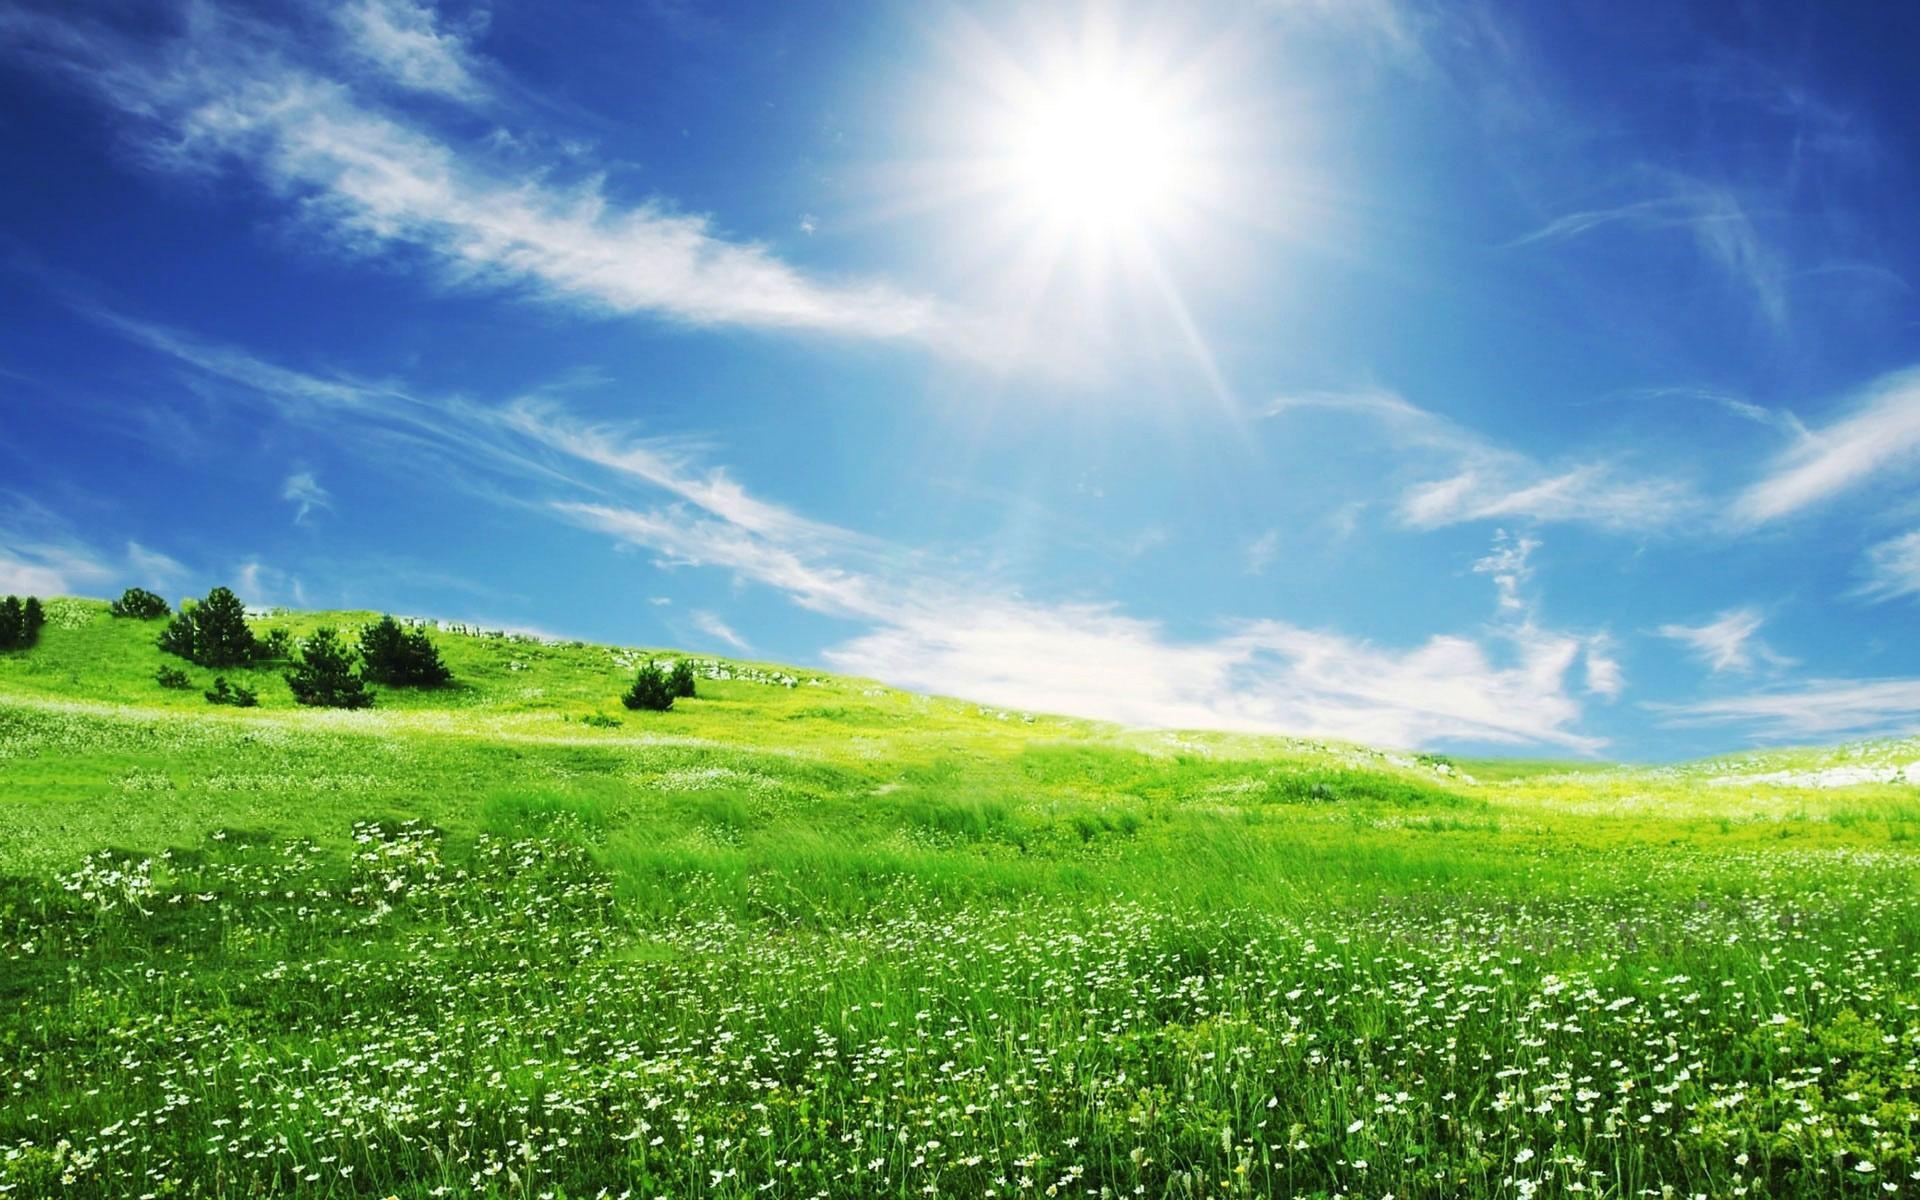 Останні дні літа будуть спекотними: 30 серпня на Київщині багато сонця та сухо - погода - 30 pogoda2